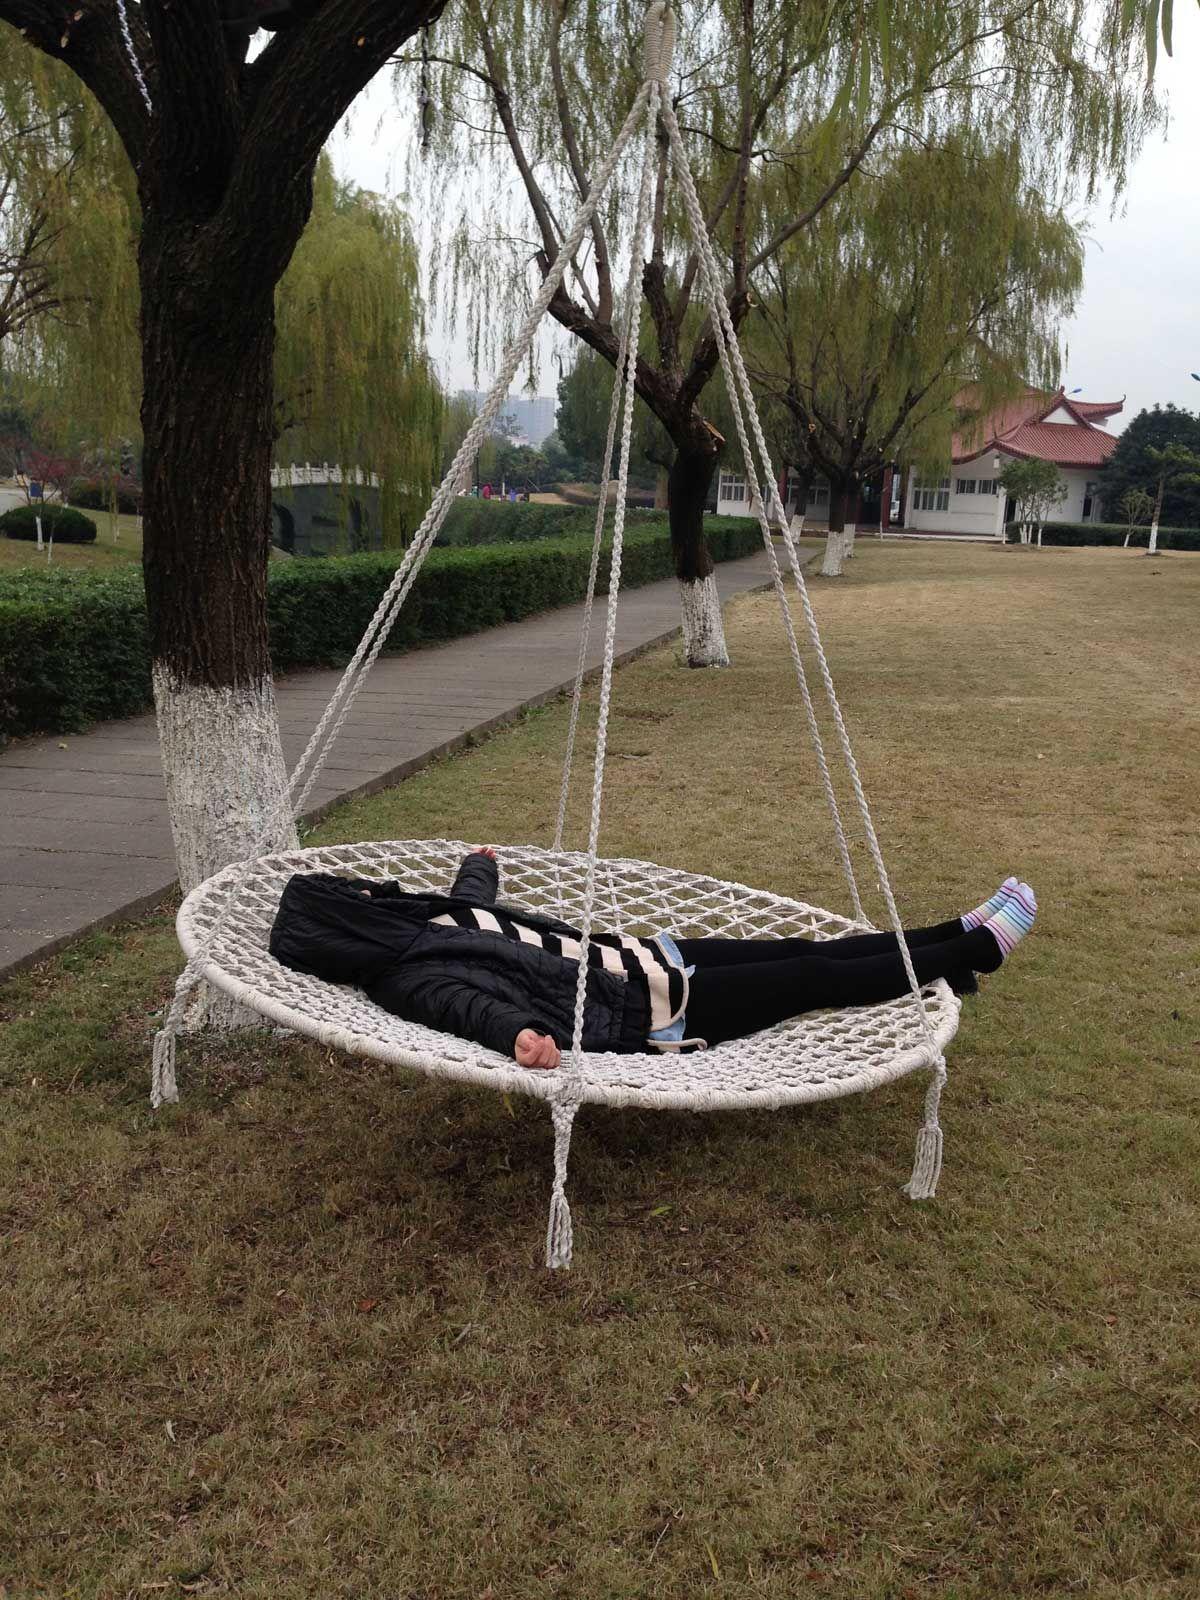 Garden Hammock Swing Bed in 2020 Outdoor hammock bed